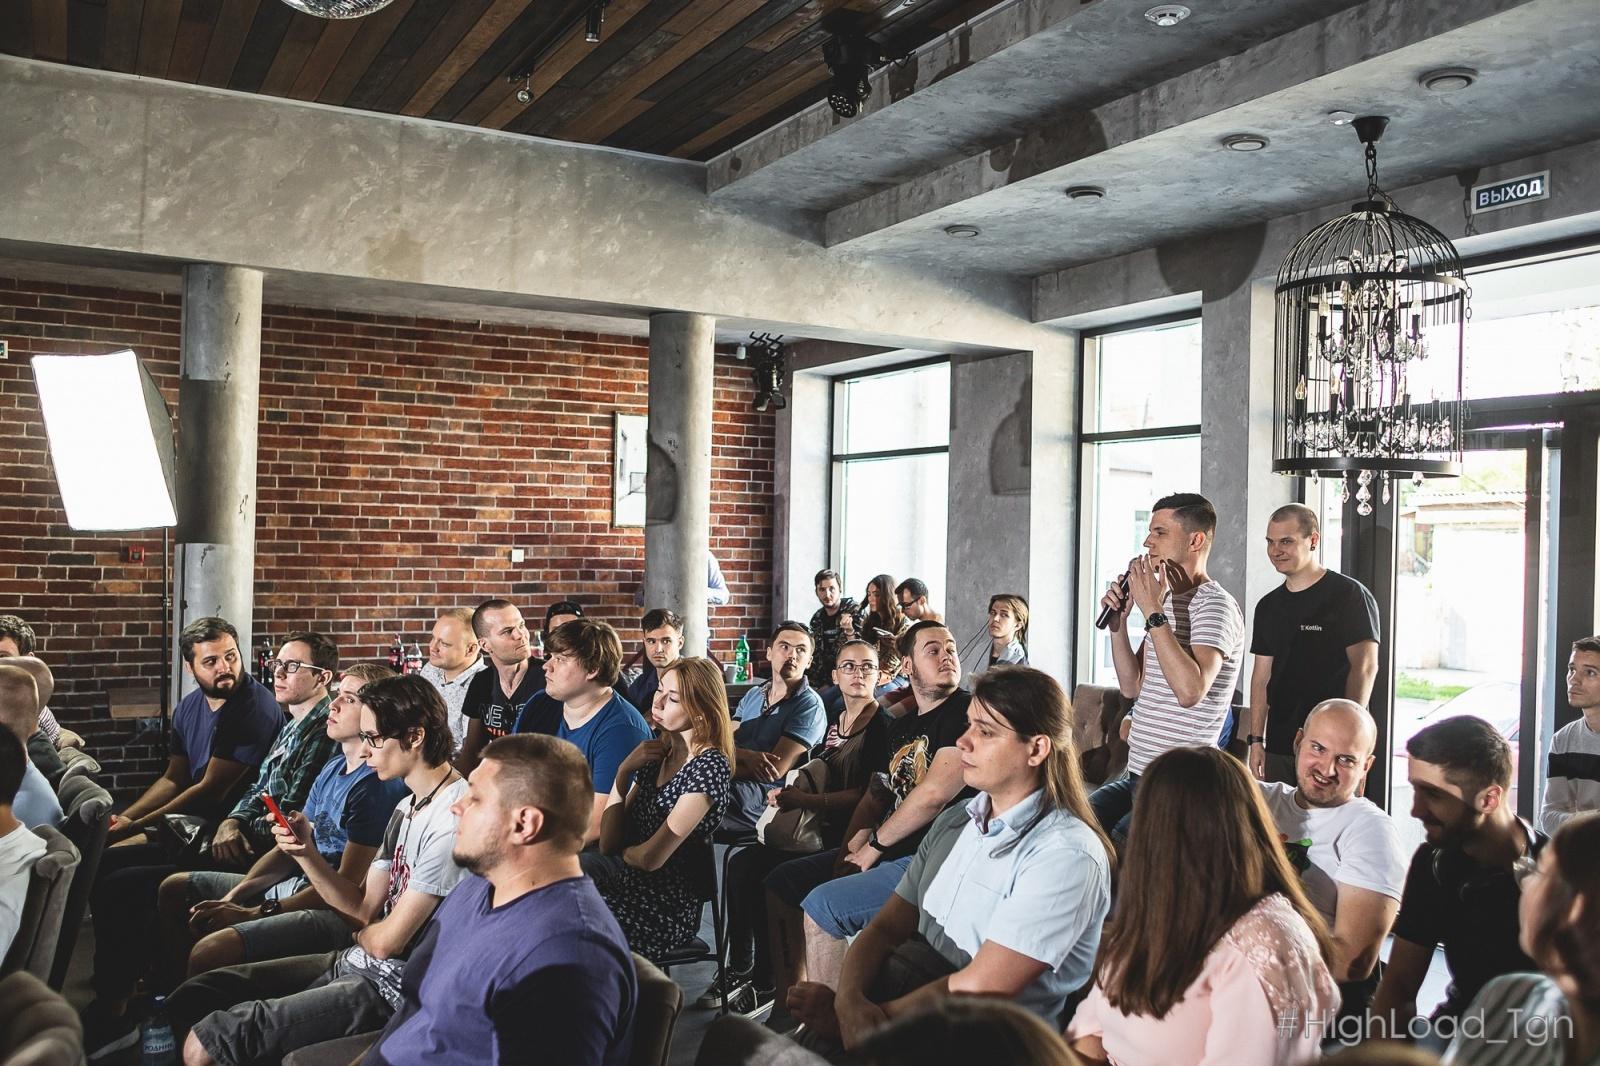 Ростов-на-Дону: IT-компании, сообщества и мероприятия в 2019 году - 10